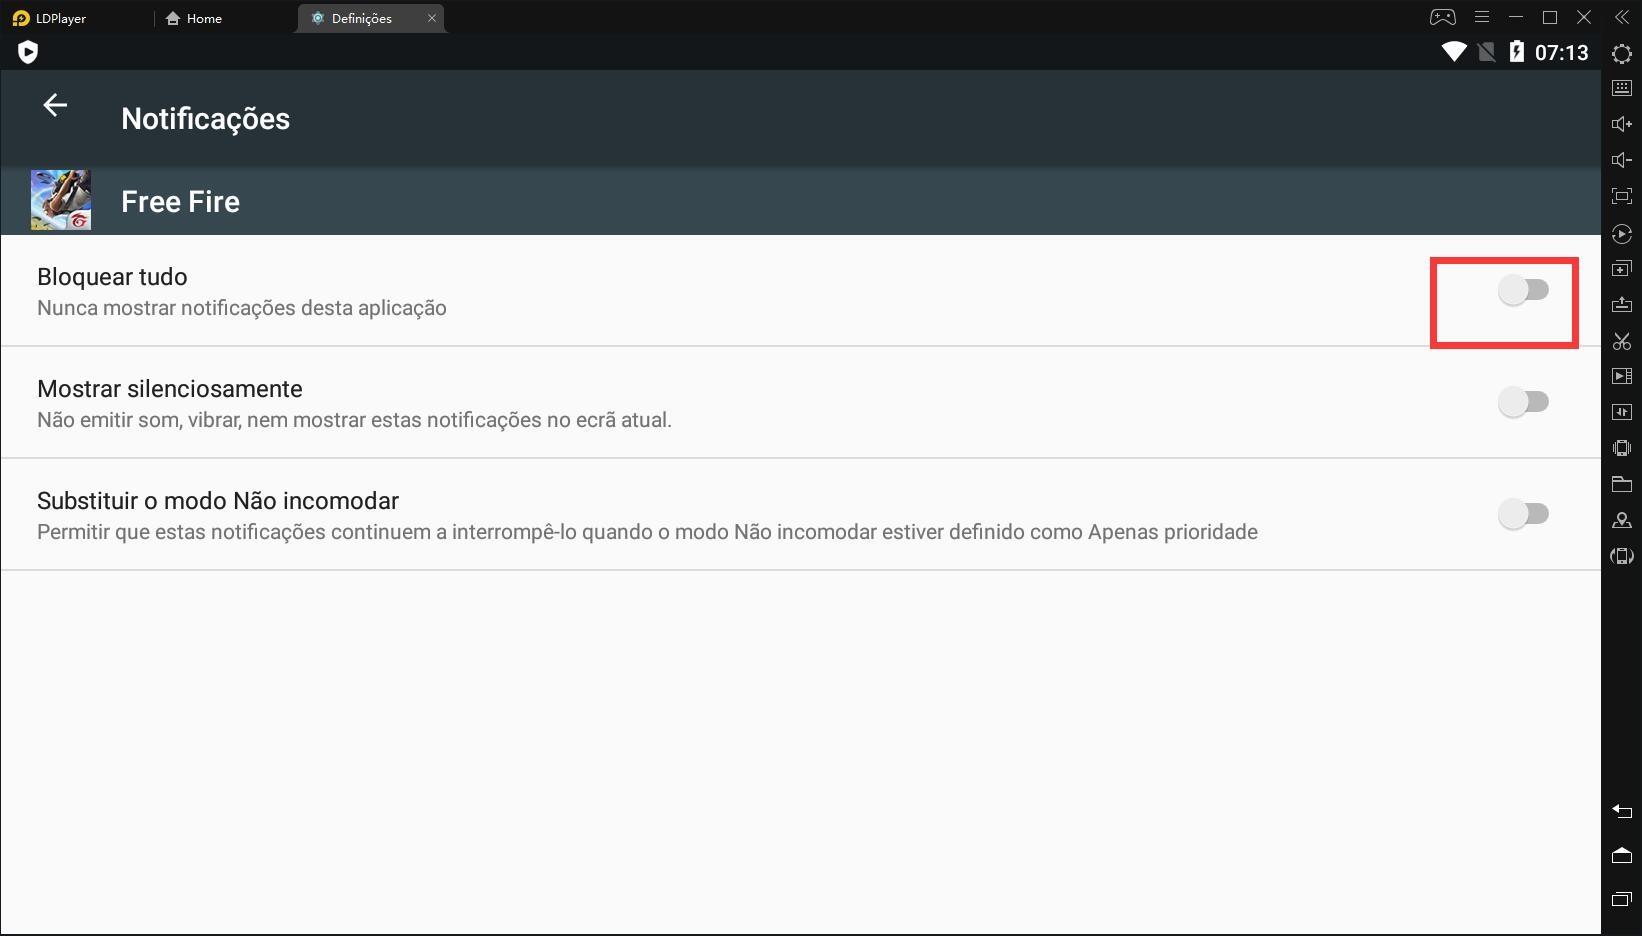 Desative as notificações no LDPlayer para reduzir o uso da CPU